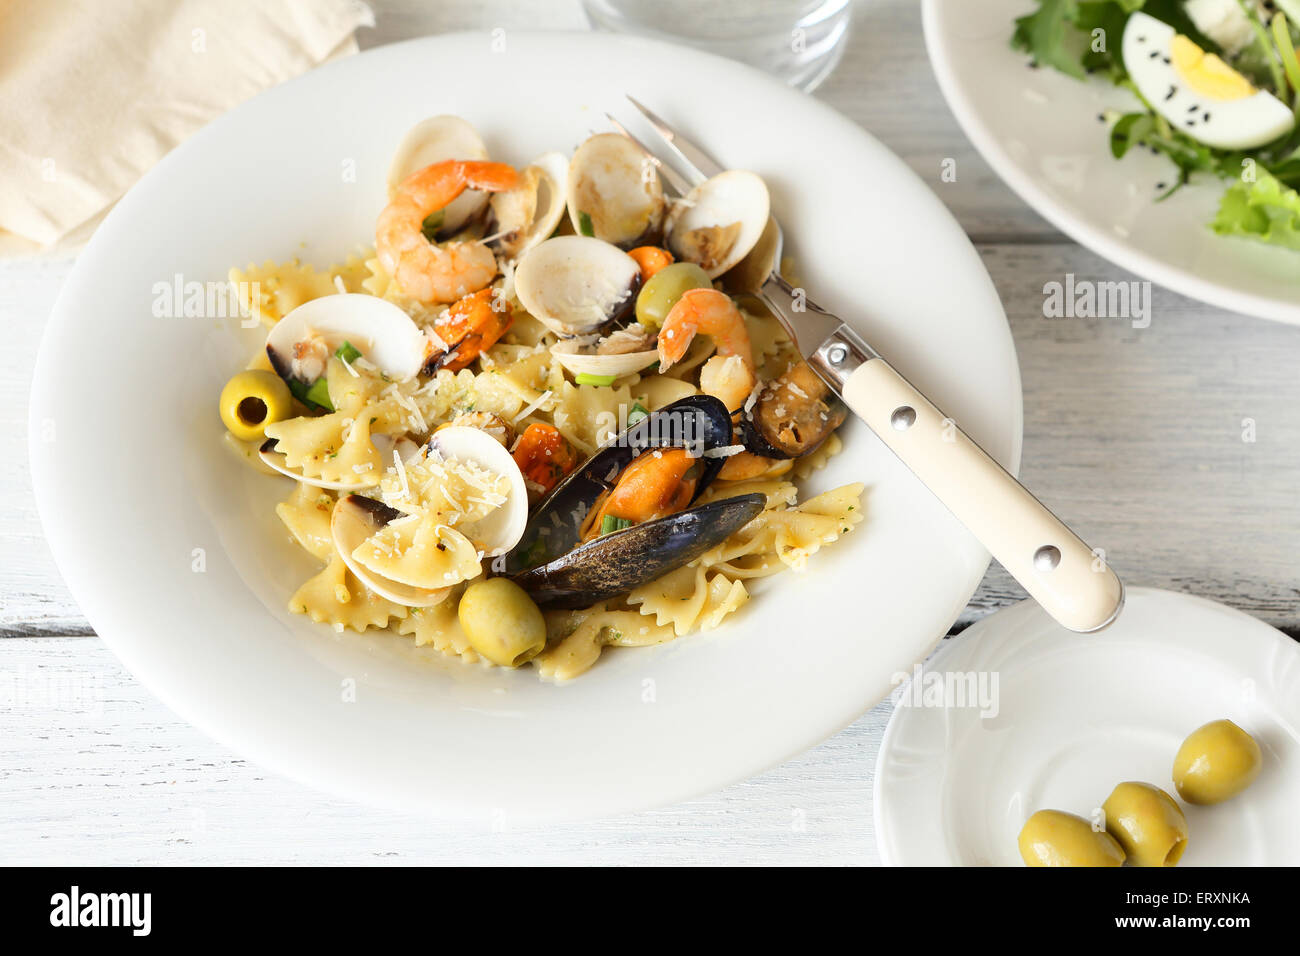 Deliziosi Piatti Di Pasta Con Pesce E Frutti Di Mare Vista Dall